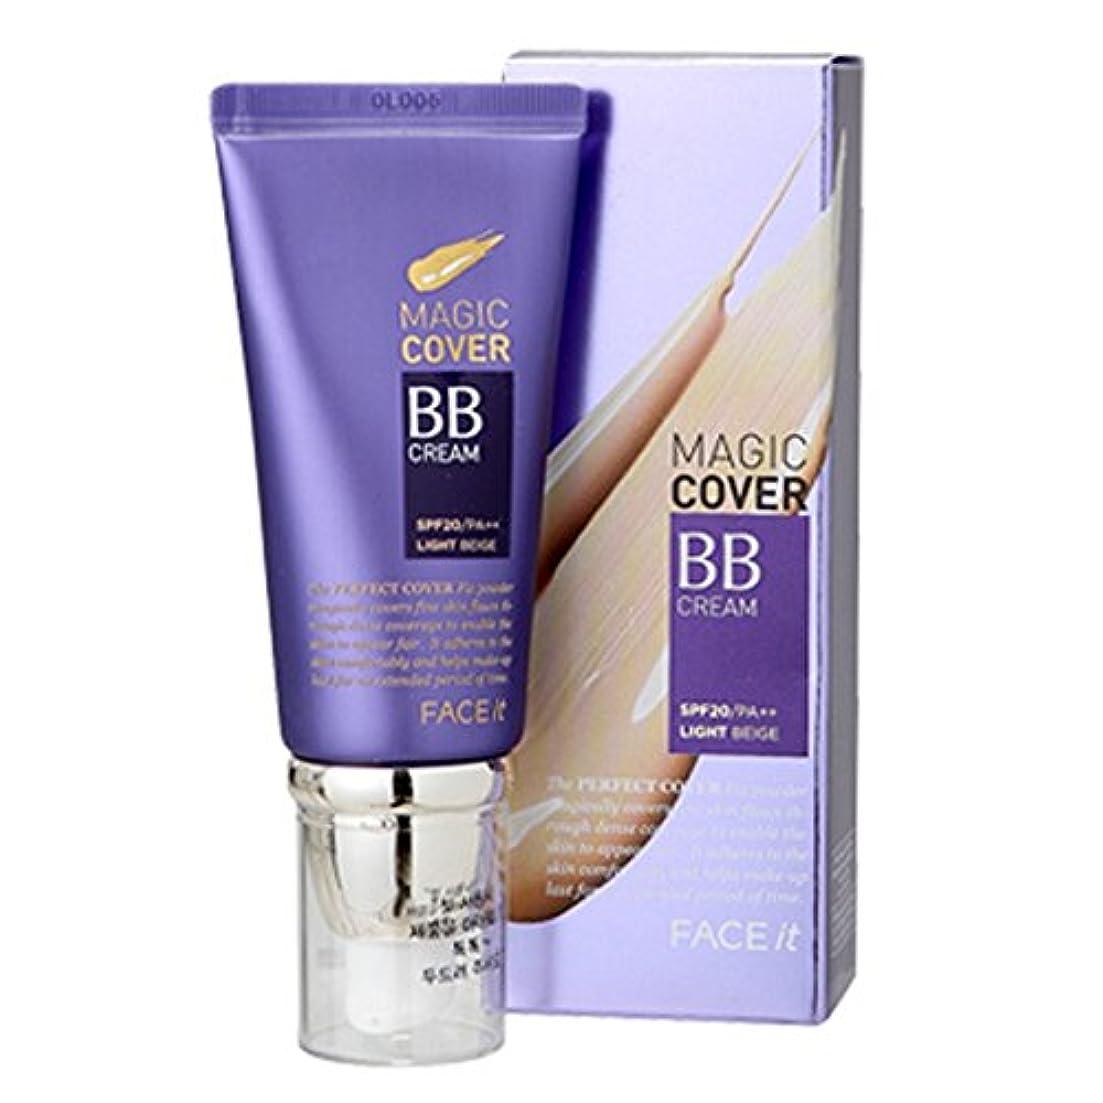 プレフィックスペース不運ザフェイスショップ The Face Shop Face It Magic Cover BB Cream 45ml (01 Light Beige)